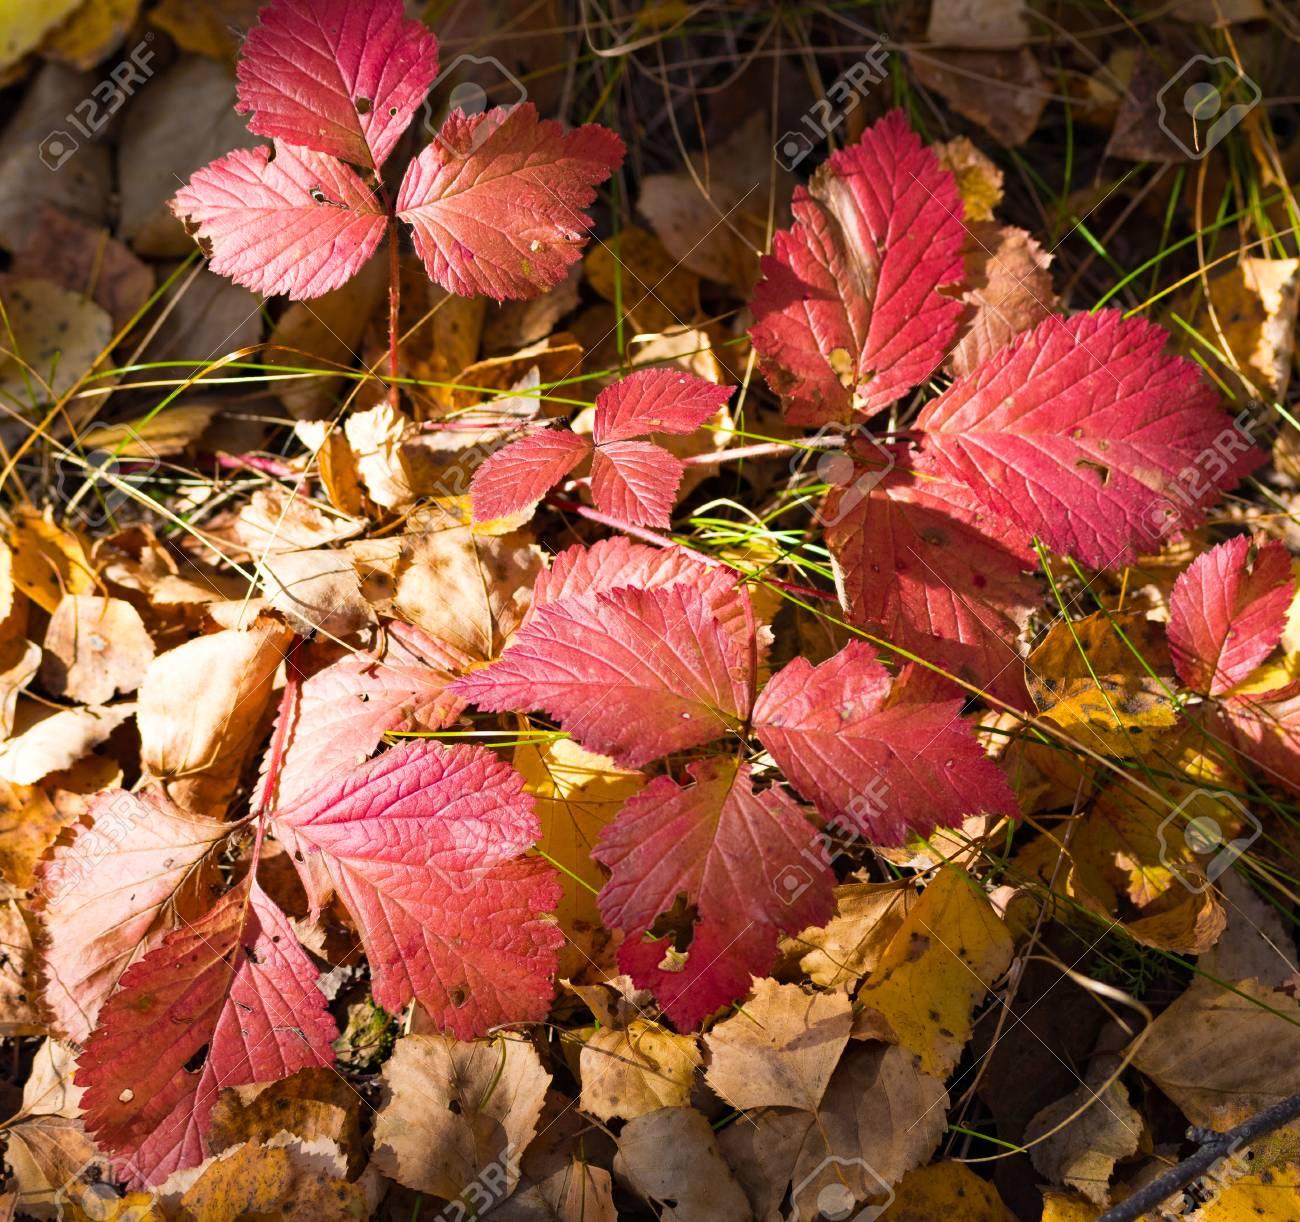 Gemeinsame Herbst Rote Blätter Von Wilden Erdbeeren Lizenzfreie Fotos, Bilder &YD_45